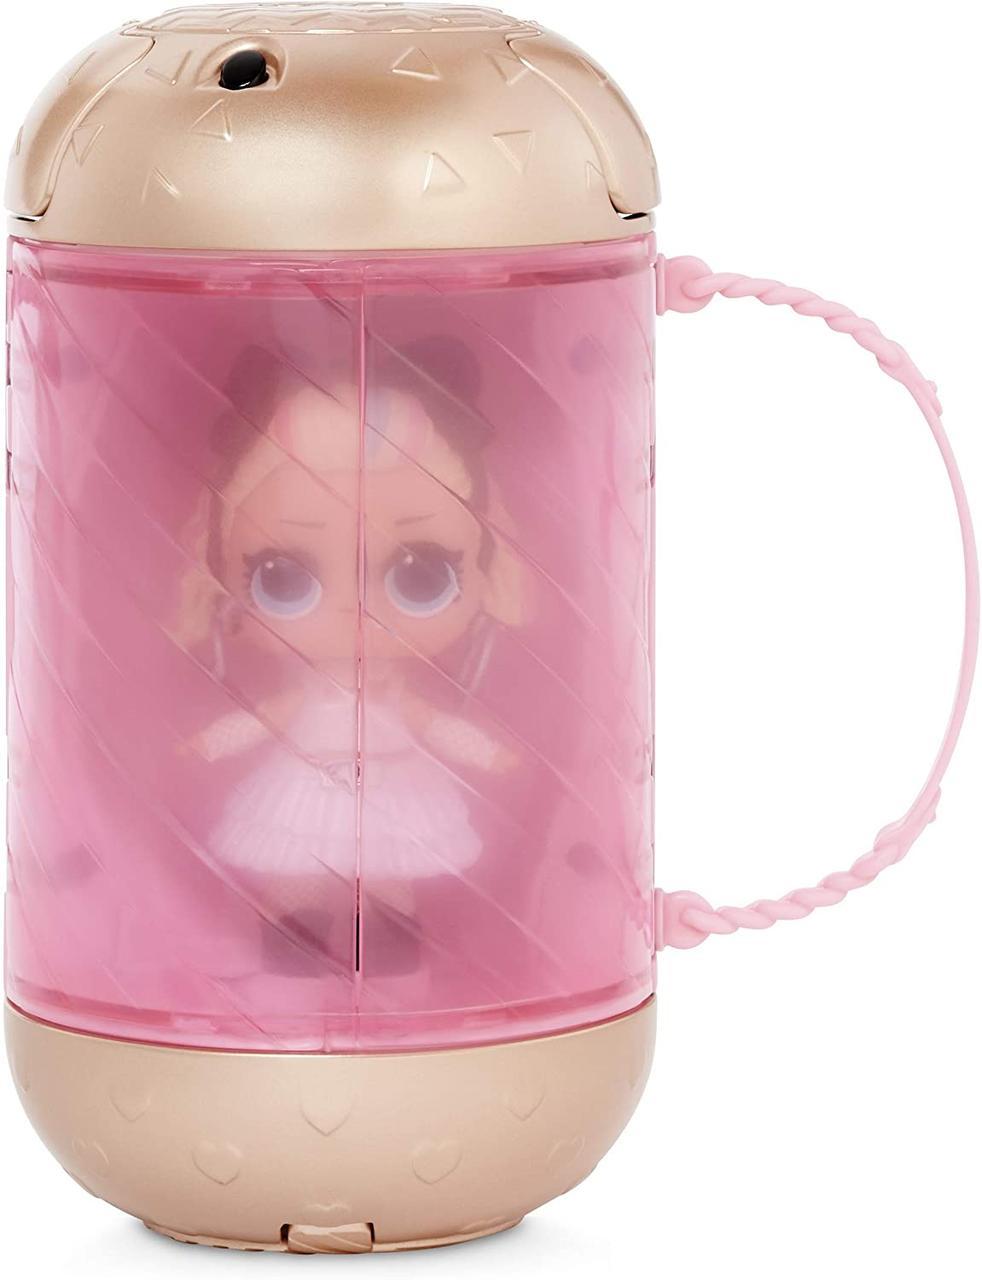 Кукла L.O.L. Surprise Confetti Under Wraps - фото 4